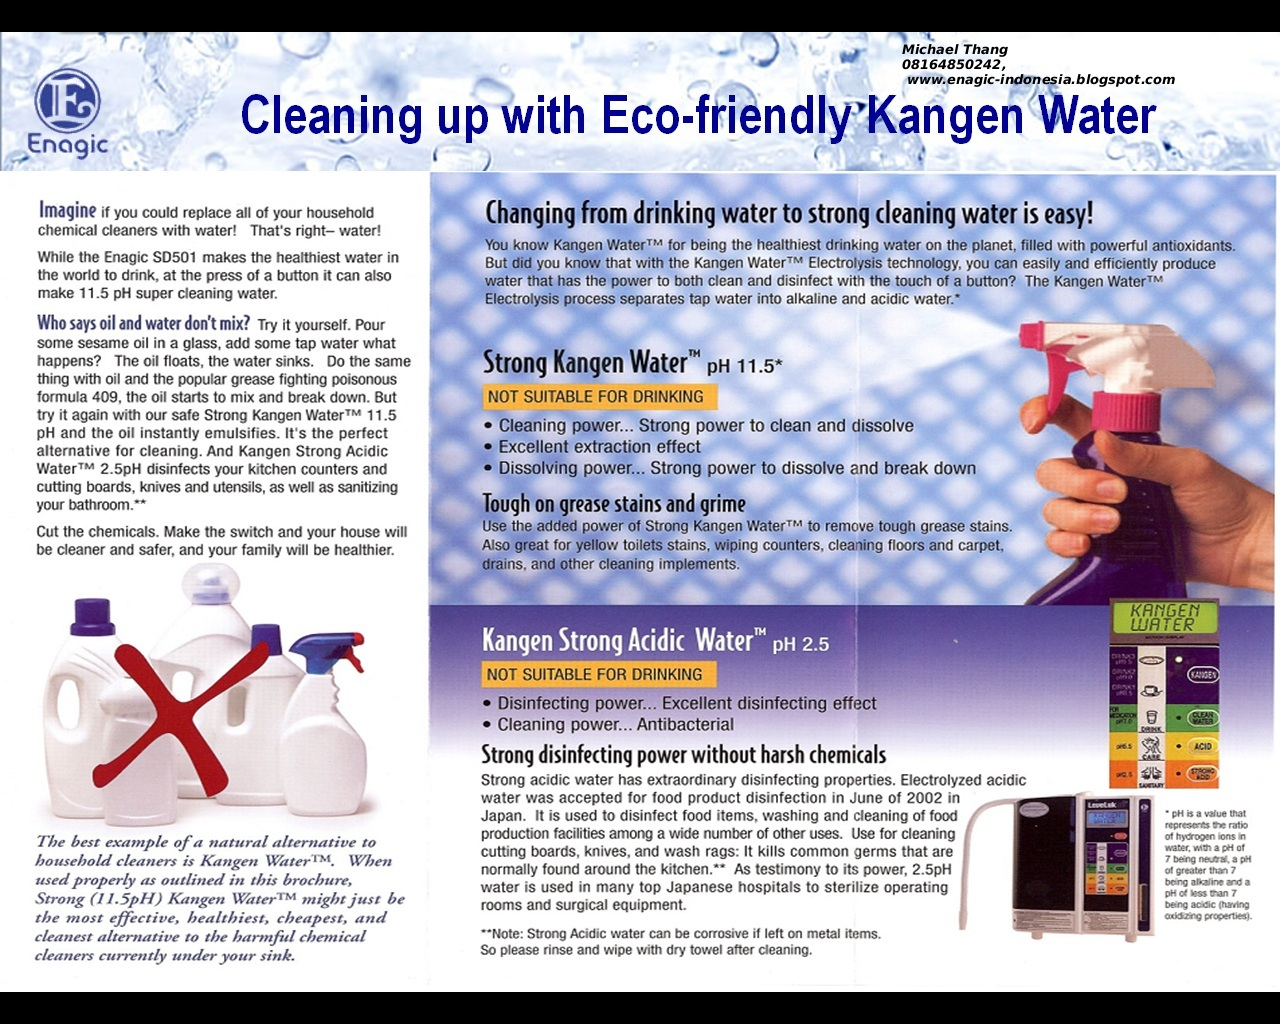 Terapi Kangen Water membantu penderita hipertensi stroke